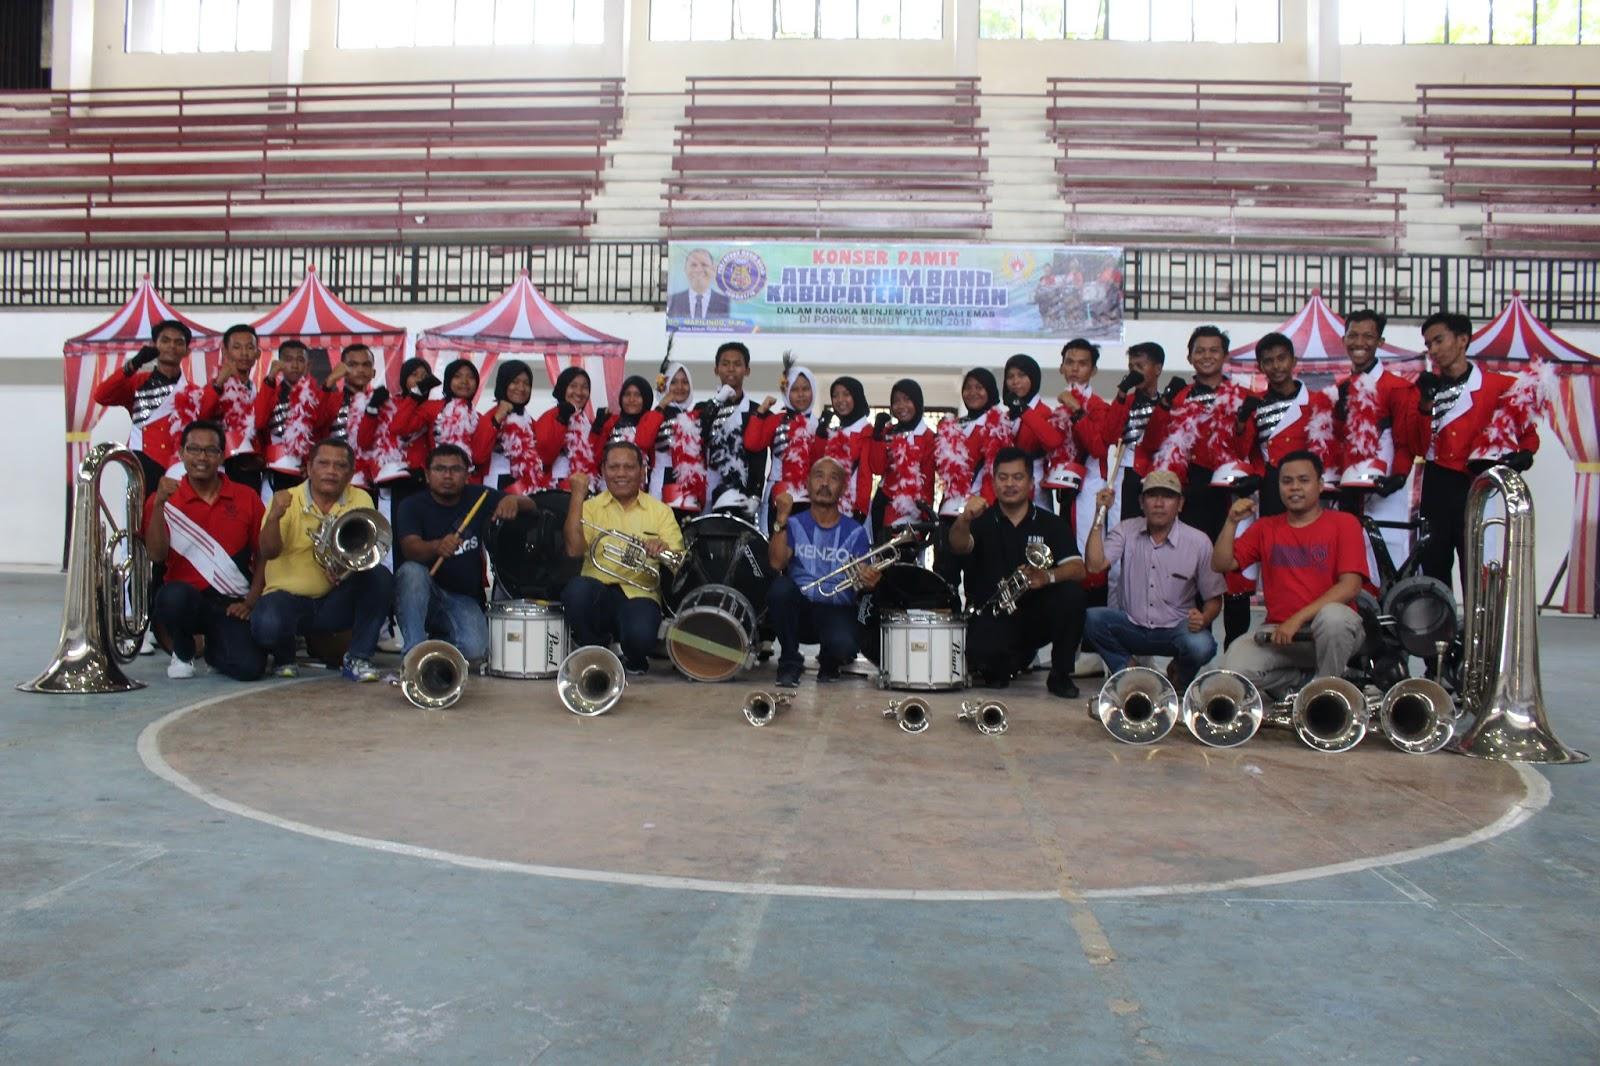 Atlit Drum Band Asahan bersama pelatih, official dan pengurus KONI foto bersama usai konser pamit